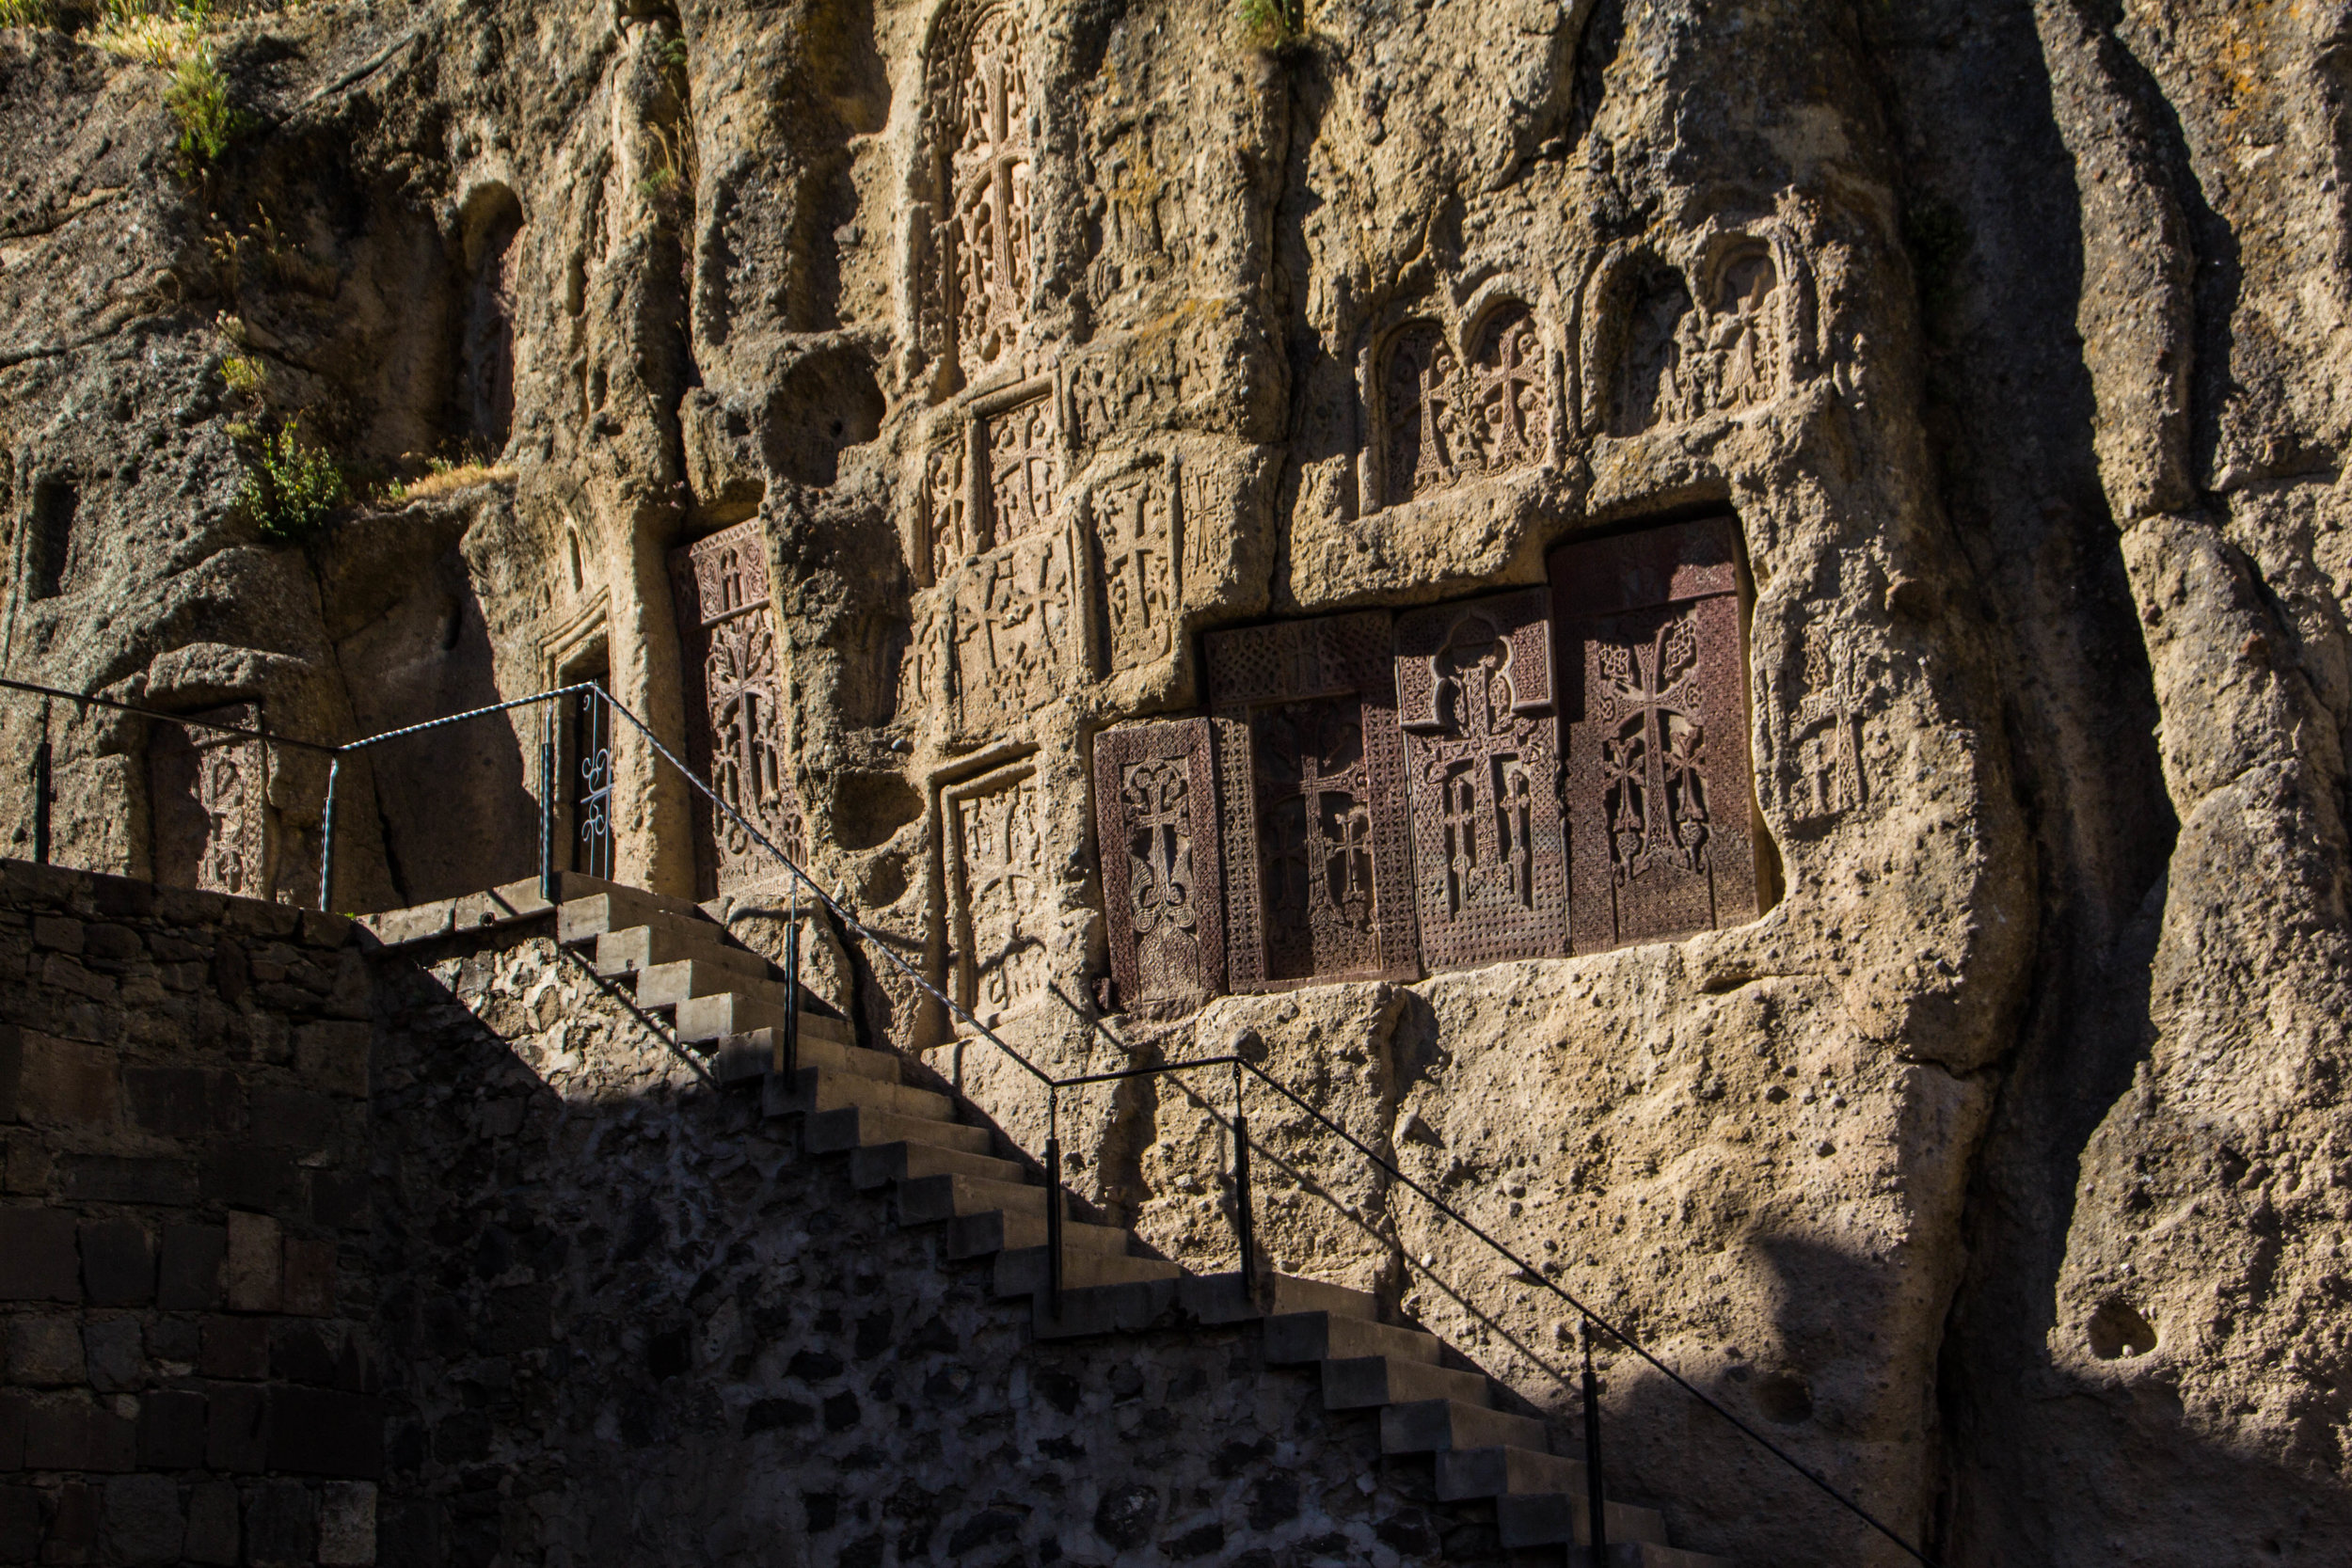 geghard-armenia-14.jpg